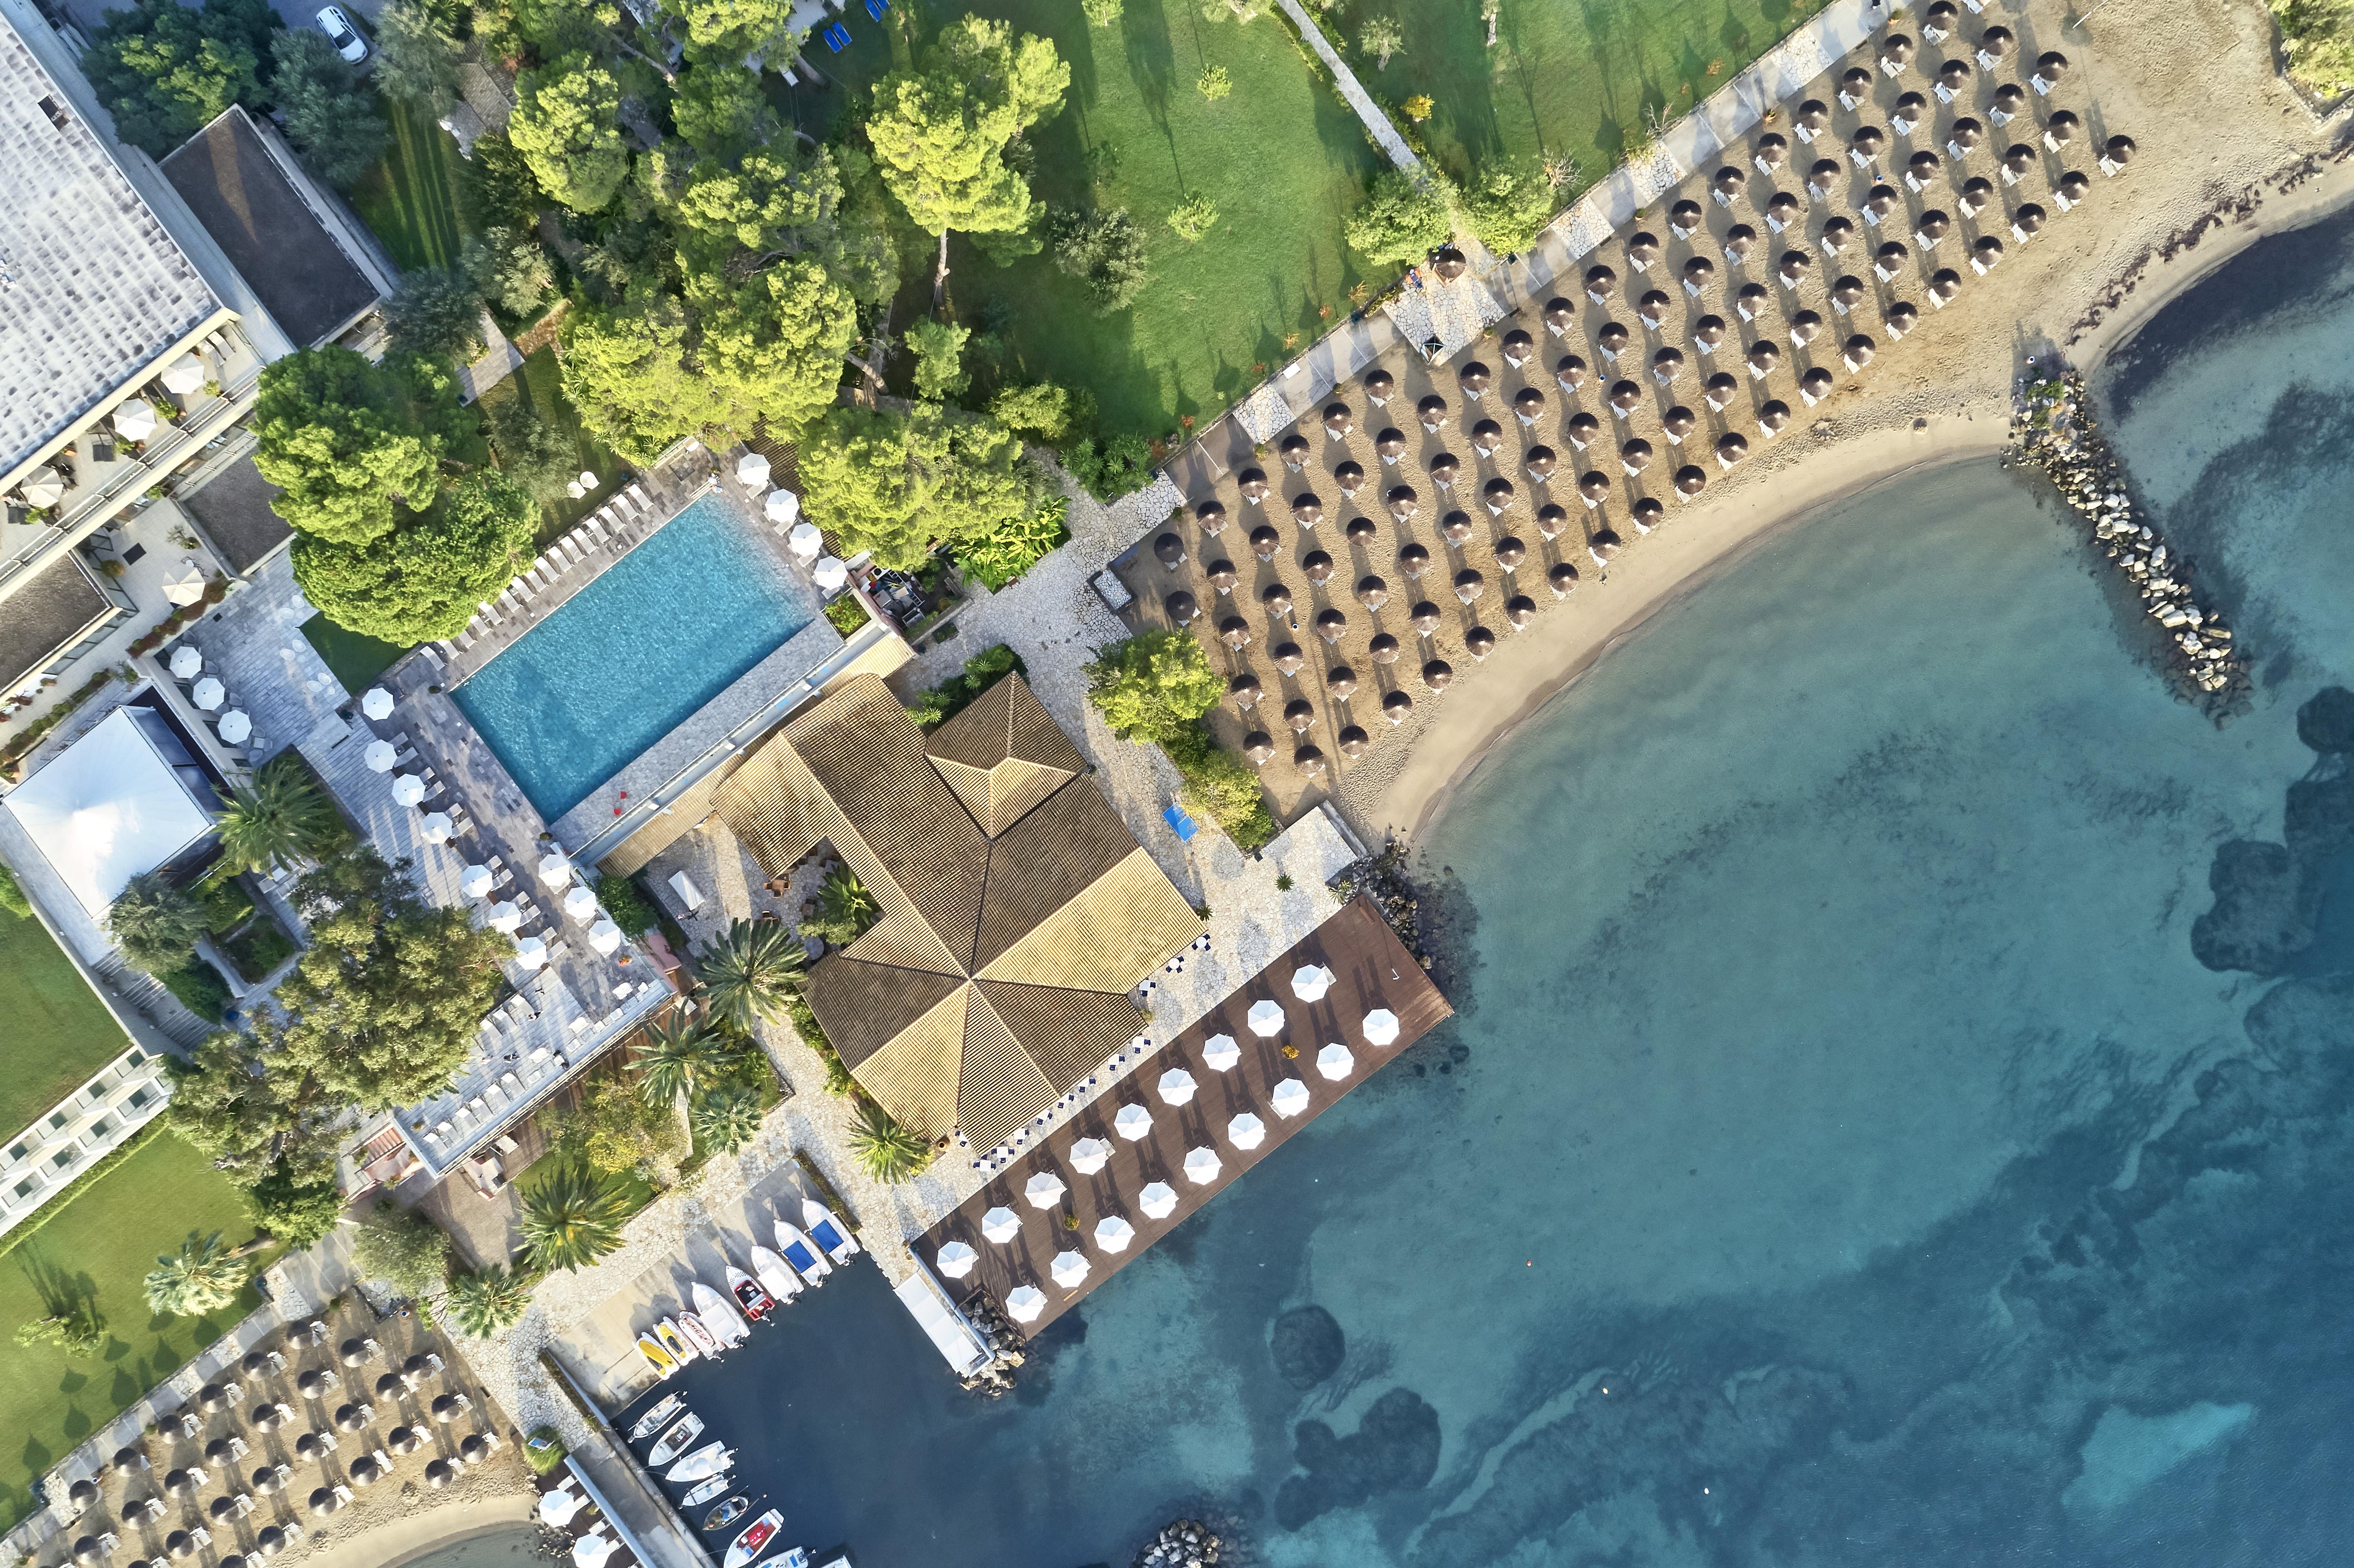 Marbella Spa Hotel Corfu